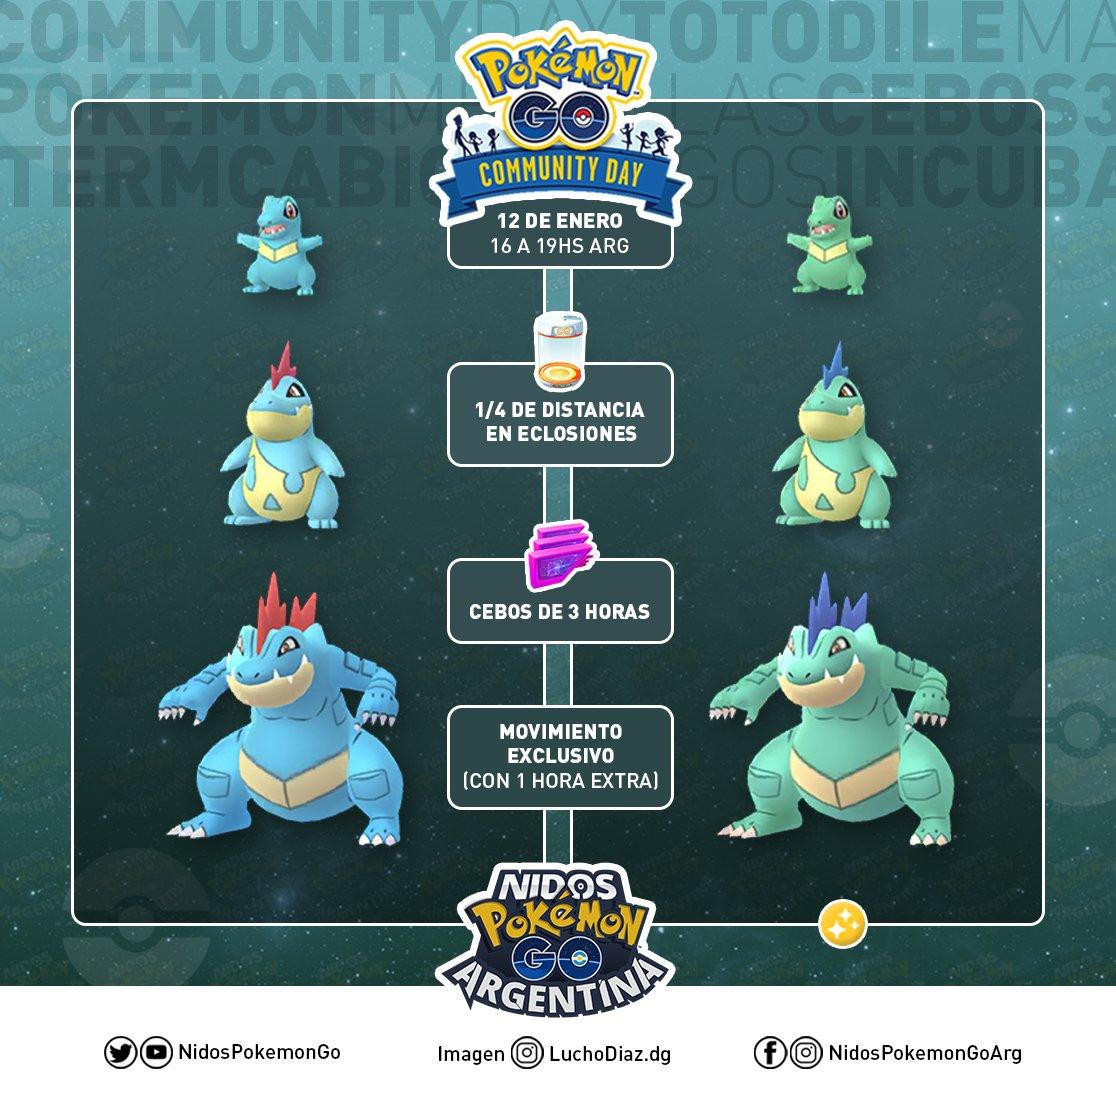 Imagen de Nidos Pokémon GO Argentina con Totodile shiny y normal así como sus evoluciones